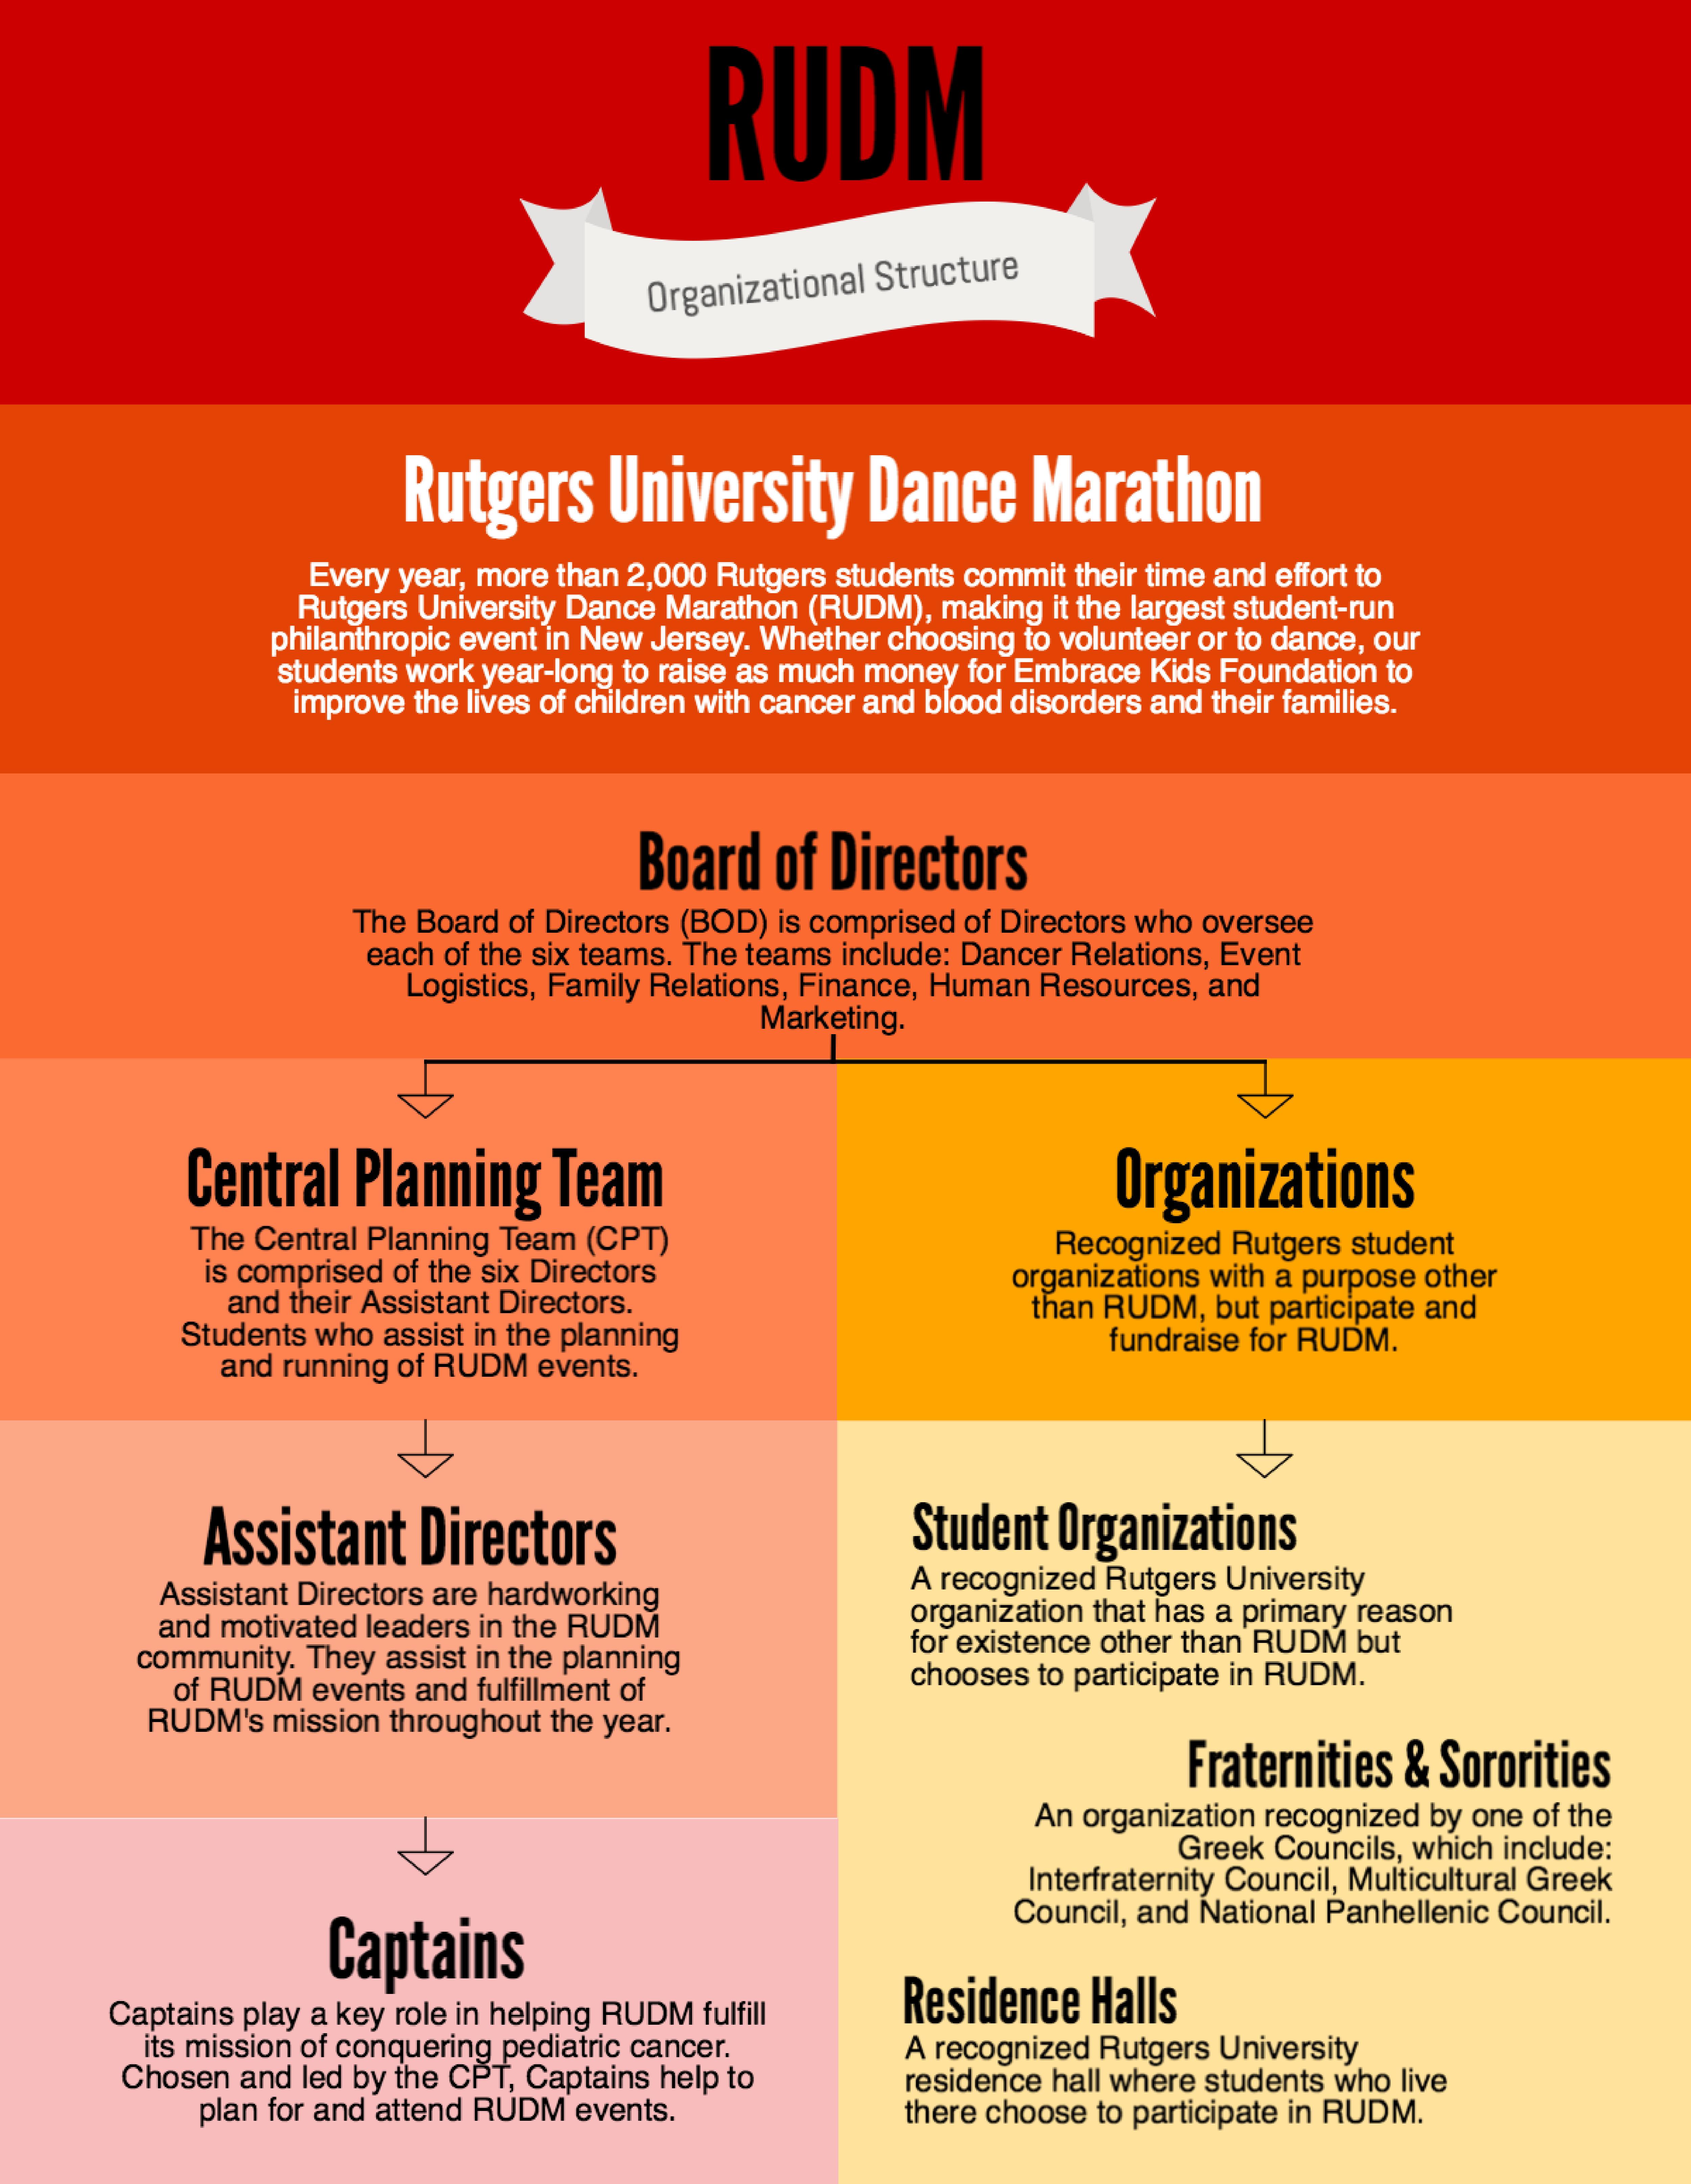 rudm-organizational-structure-01